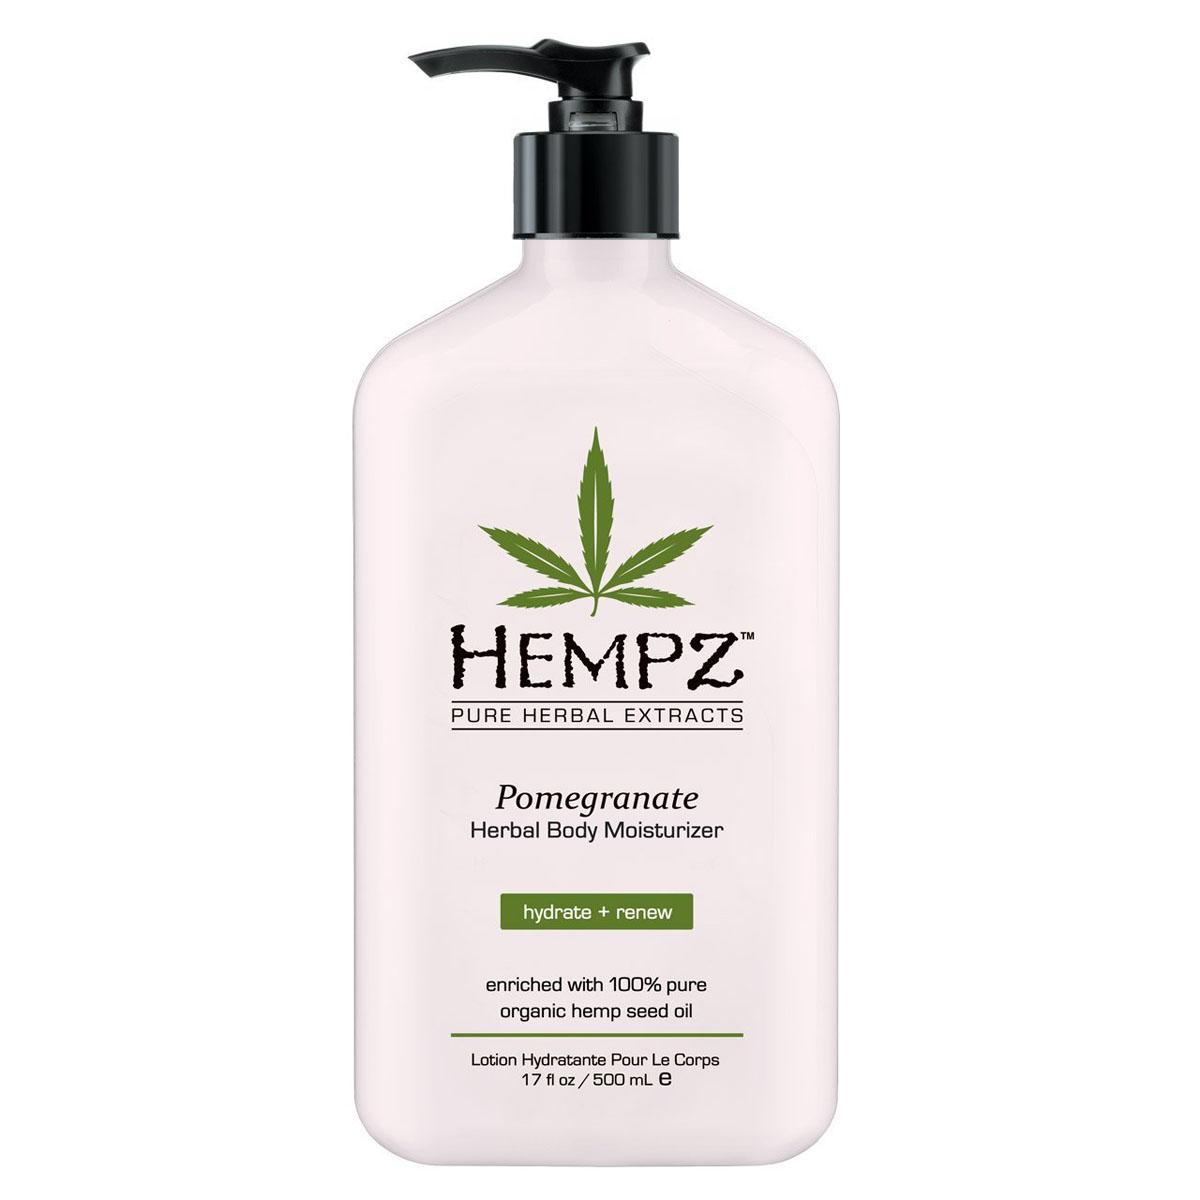 Hempz Молочко для тела увлажняющее с ганатом Pomegranate Herbal Body Moistyrizer 500 мл110-2125-03Увлажняющее молочко с гранатом для тела Pomegranate Herbal Body Moistyrizer Хемпц поможет сделать кожу нежной и шелковистой. Входящие в состав средства полипептиды стимулируют синтез коллагена, тонизируют кожу и делают ее более упругой, масло и экстрагированные компоненты семян конопли снабжают кожу питательными веществами и соединениями, экстракт корня женьшеня и масло ши оказывают охлаждающее, успокоительное и смягчающее воздействие, группа витаминов А, С и Е снижает влияние свободных радикалов и препятствуют образованию мелких морщин. Состав активных компонентов: конопляное и масло семян макадамии и дерева ши, экстракты семян конопли, женьшеня, календулы, ромашки, алое вера, комплекс трипептидов, группа витаминов А, С и Е.